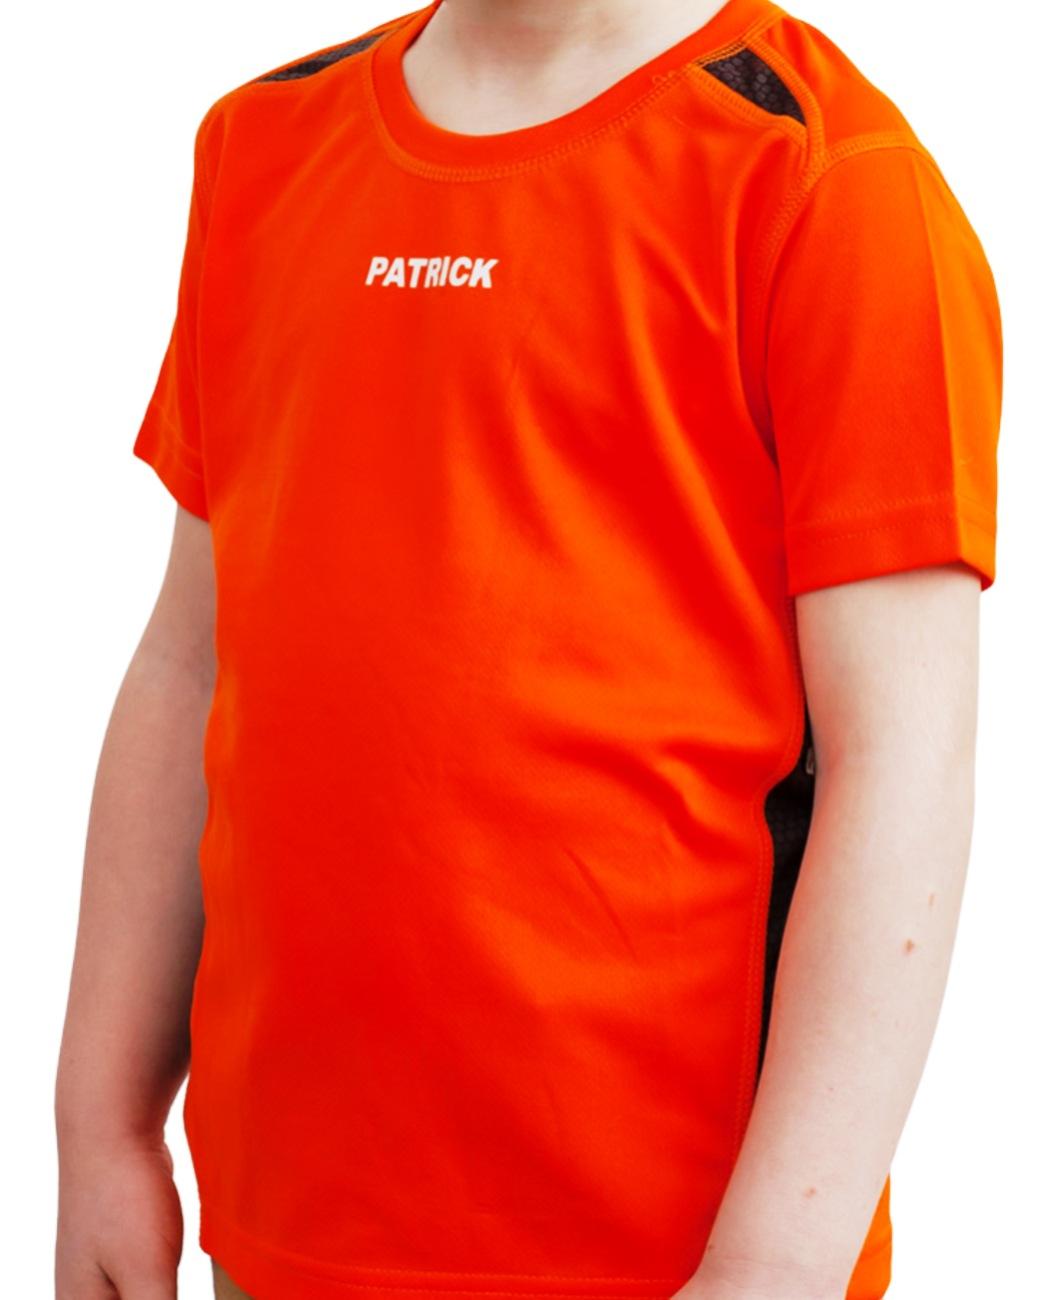 Спортивная футболка для мальчиков (Patrick, Бельгия) №14